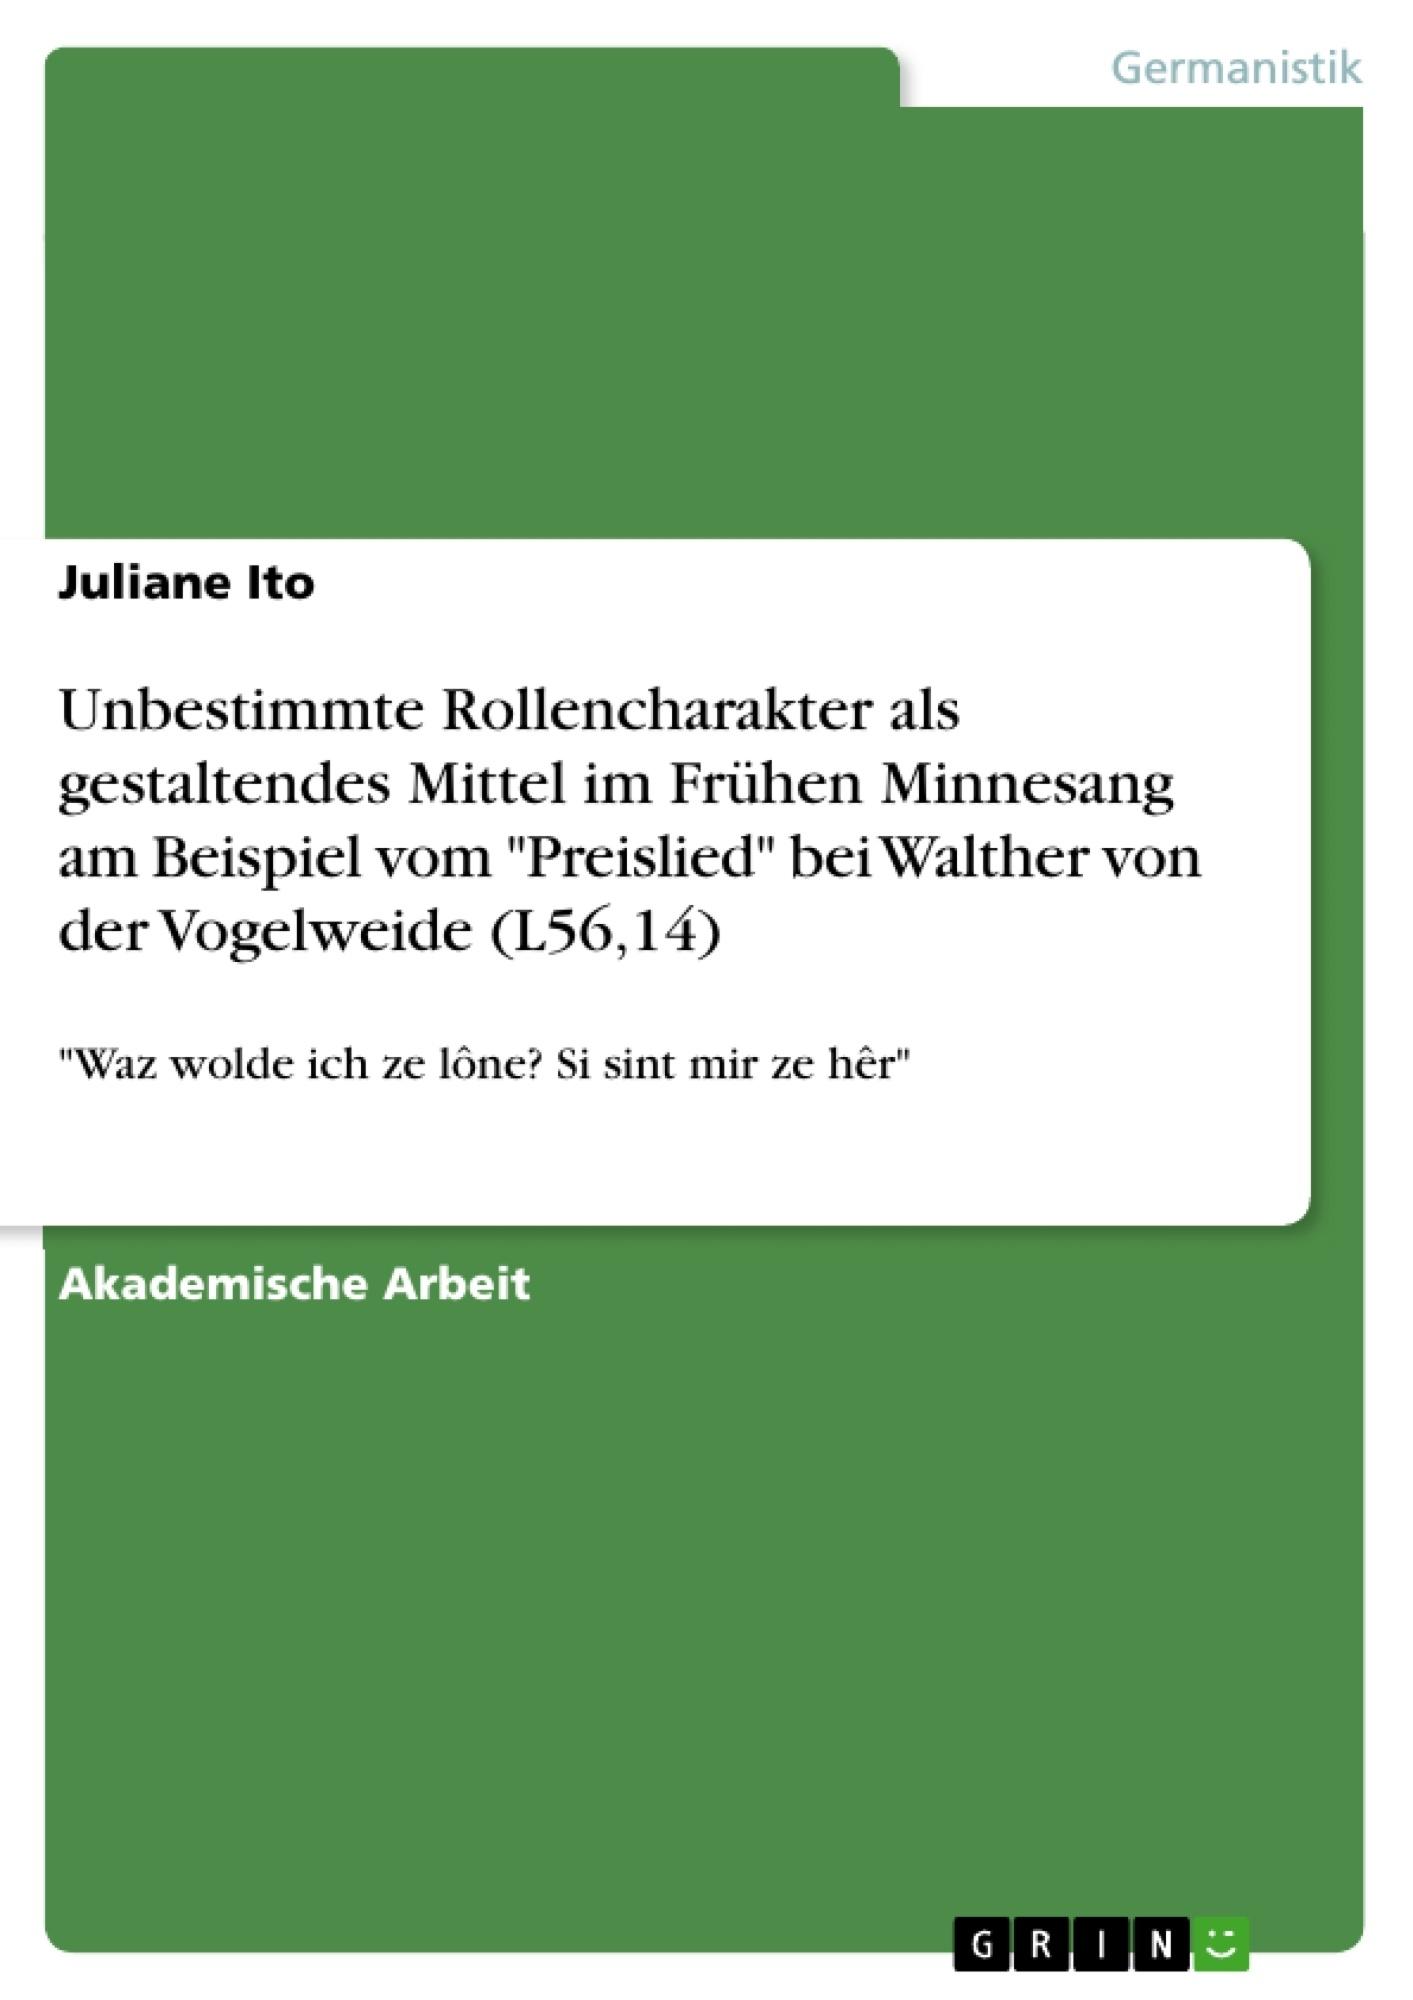 """Titel: Unbestimmte Rollencharakter als gestaltendes Mittel im Frühen Minnesang am Beispiel vom """"Preislied"""" bei Walther von der Vogelweide (L56,14)"""